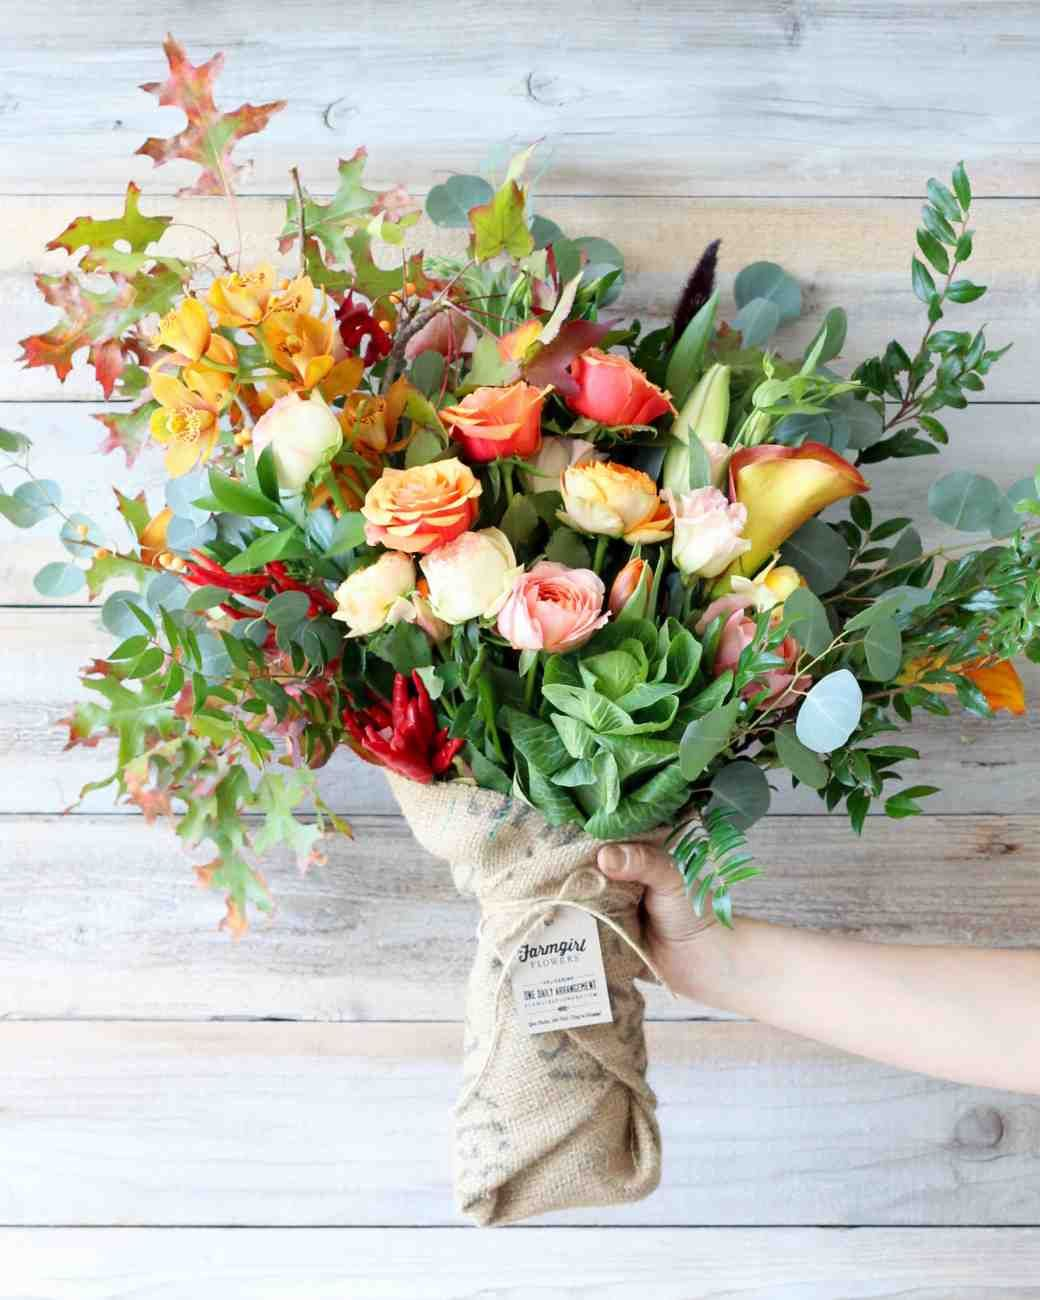 доставка цветов, орхидеи, эустома, пионы, лилии, хризантемы, фиалки, ландыши, свежесрезанные цветы, подарочная композиция, заказ цветов